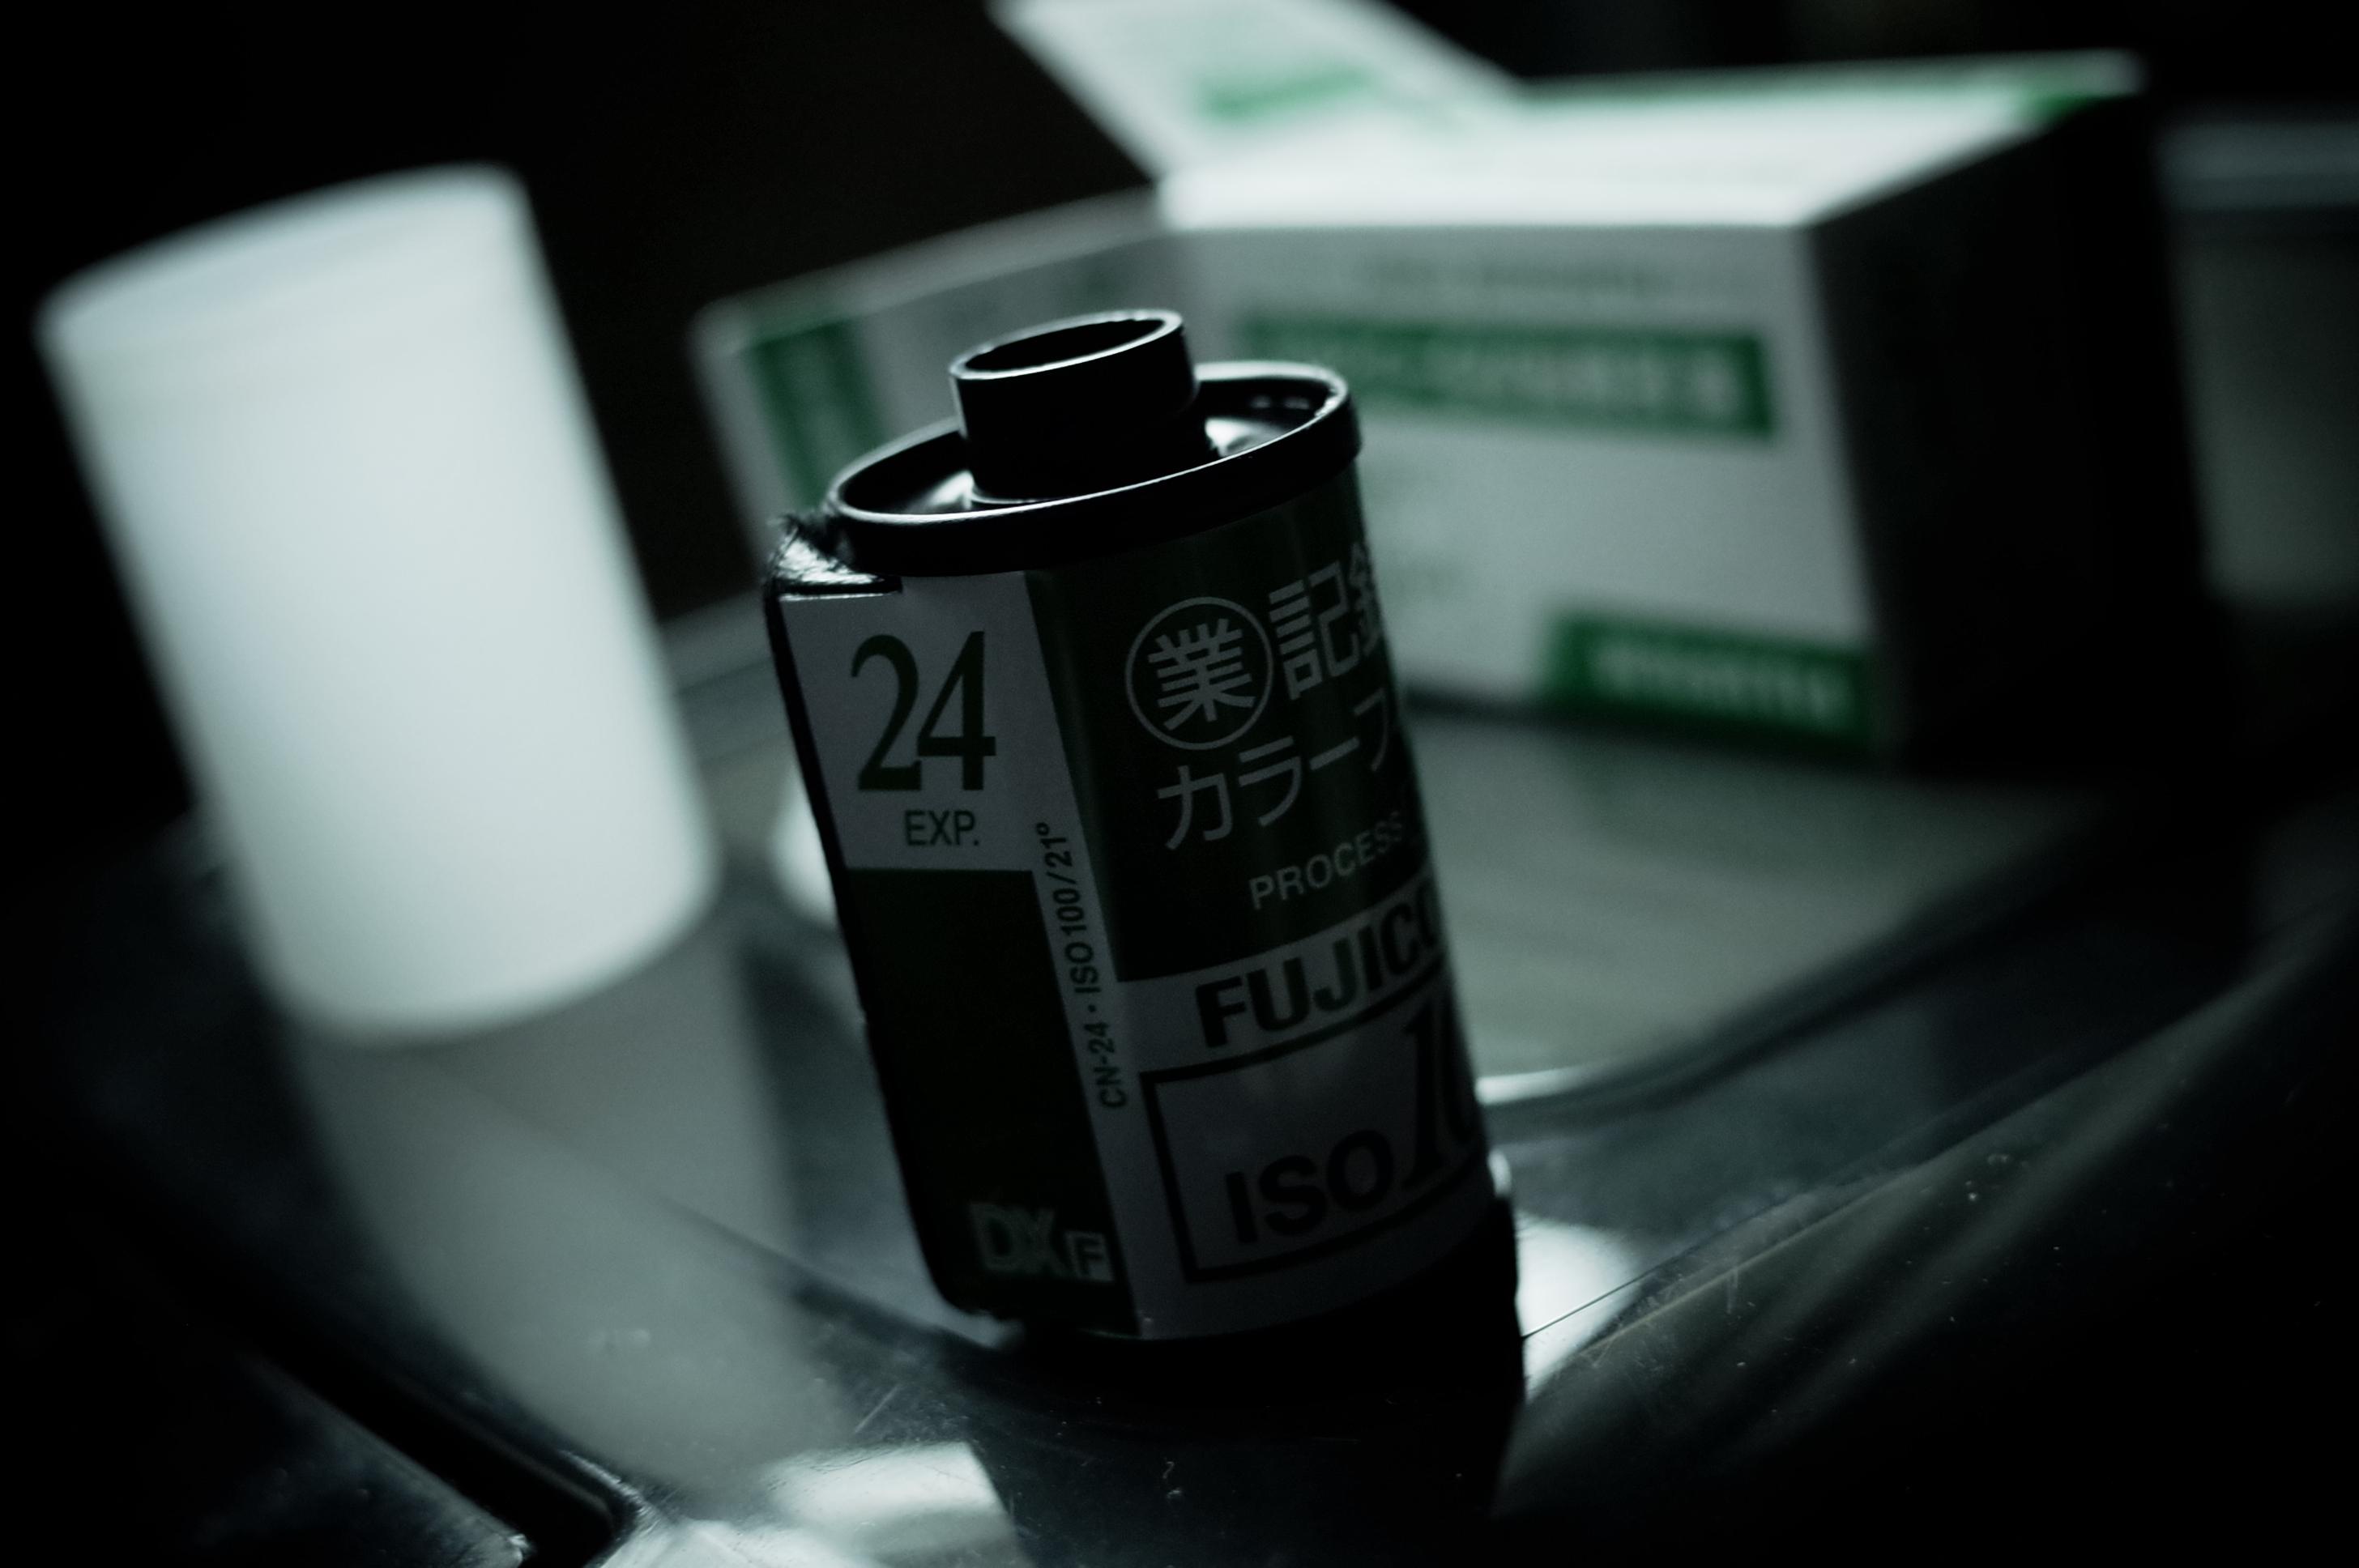 いま思うと最初のカメラを「カメラの」キタムラで買ってよかった。